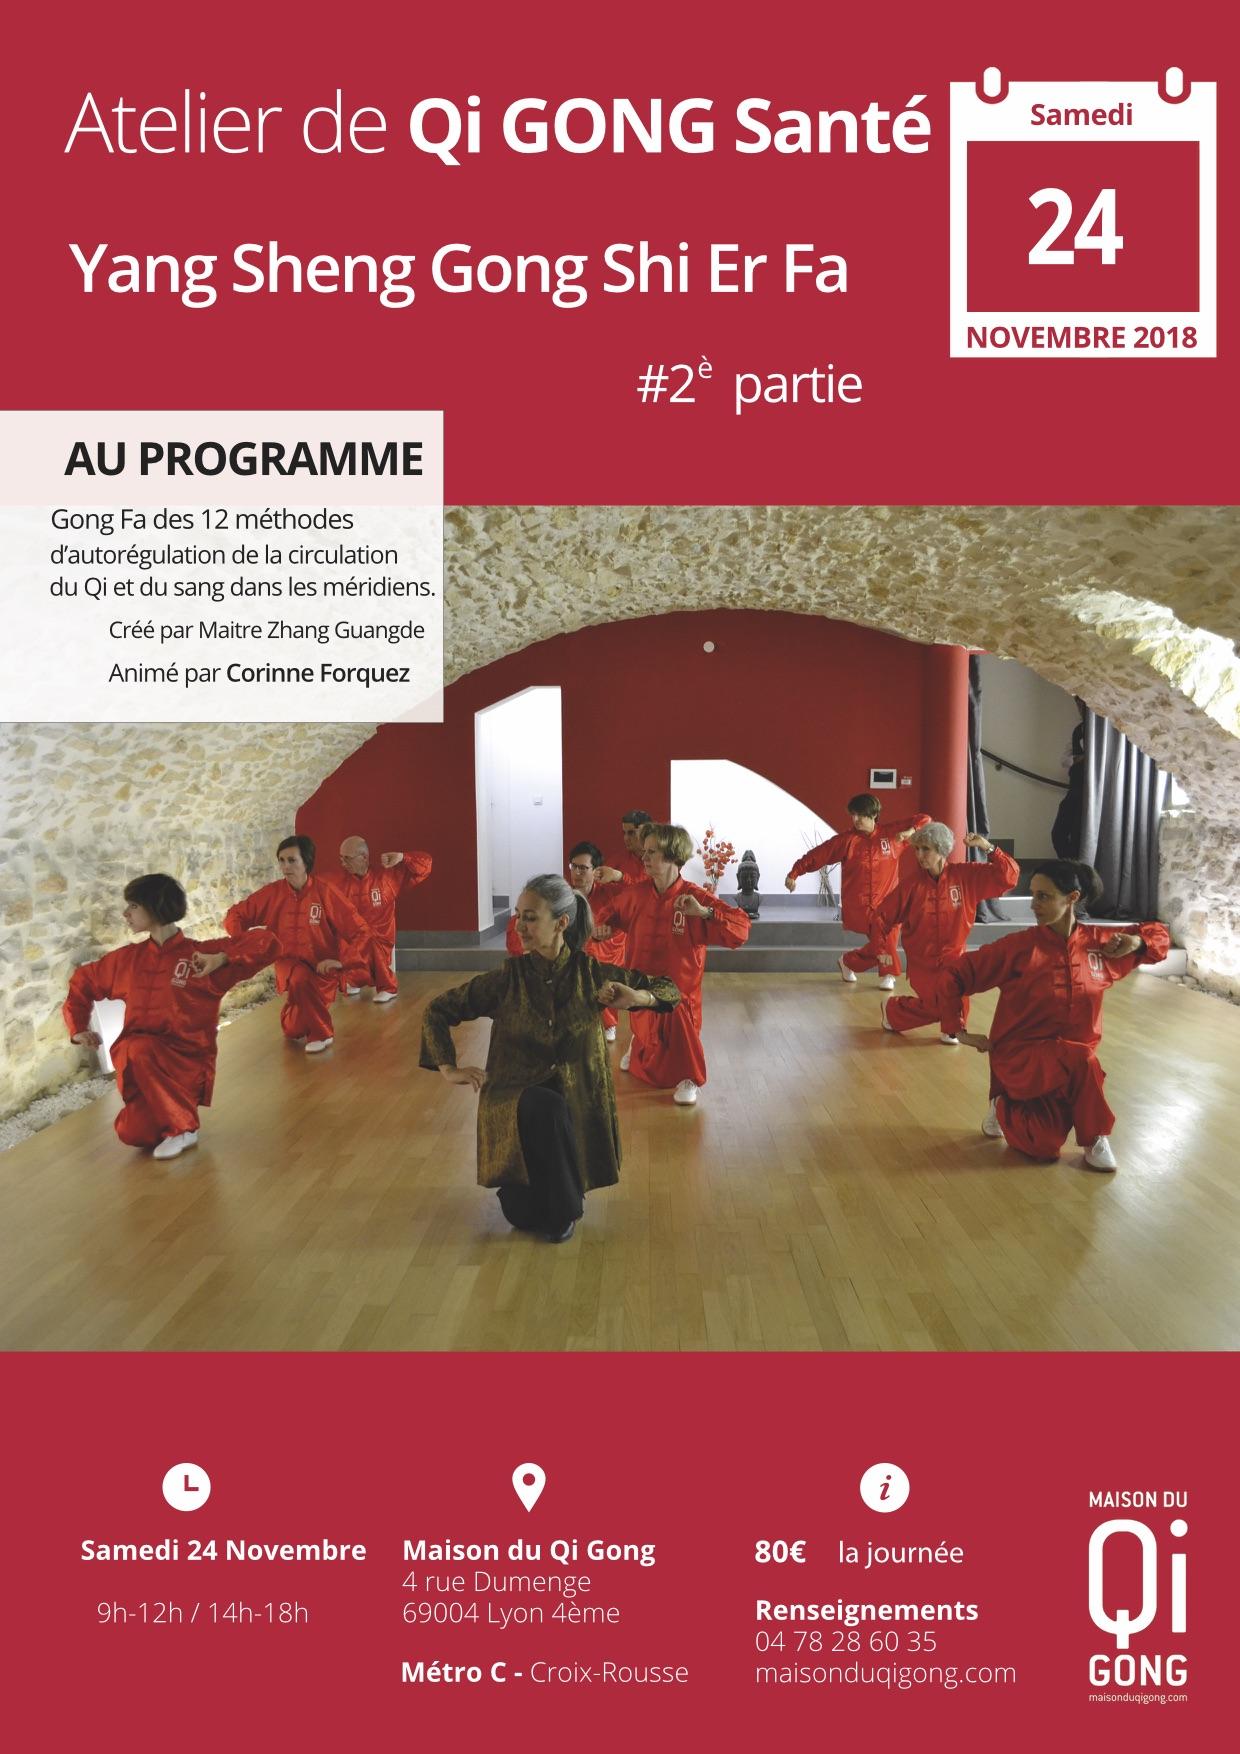 affiche Yang Sheng Gong Shi Er Fa 2eme partie